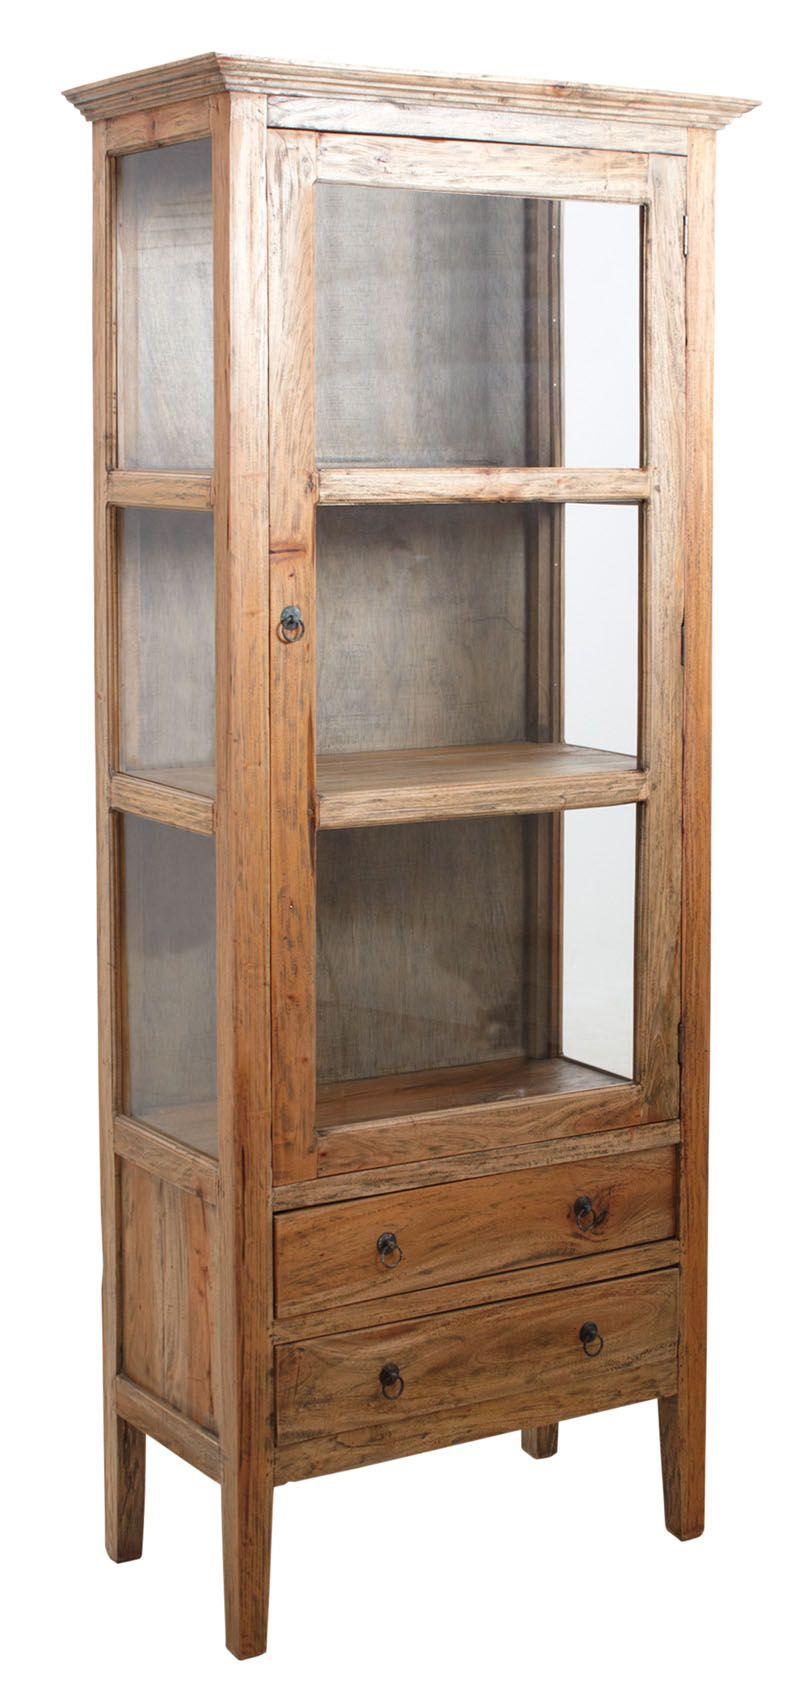 Les Armoires En Bois intérieur armoire en bois et verre